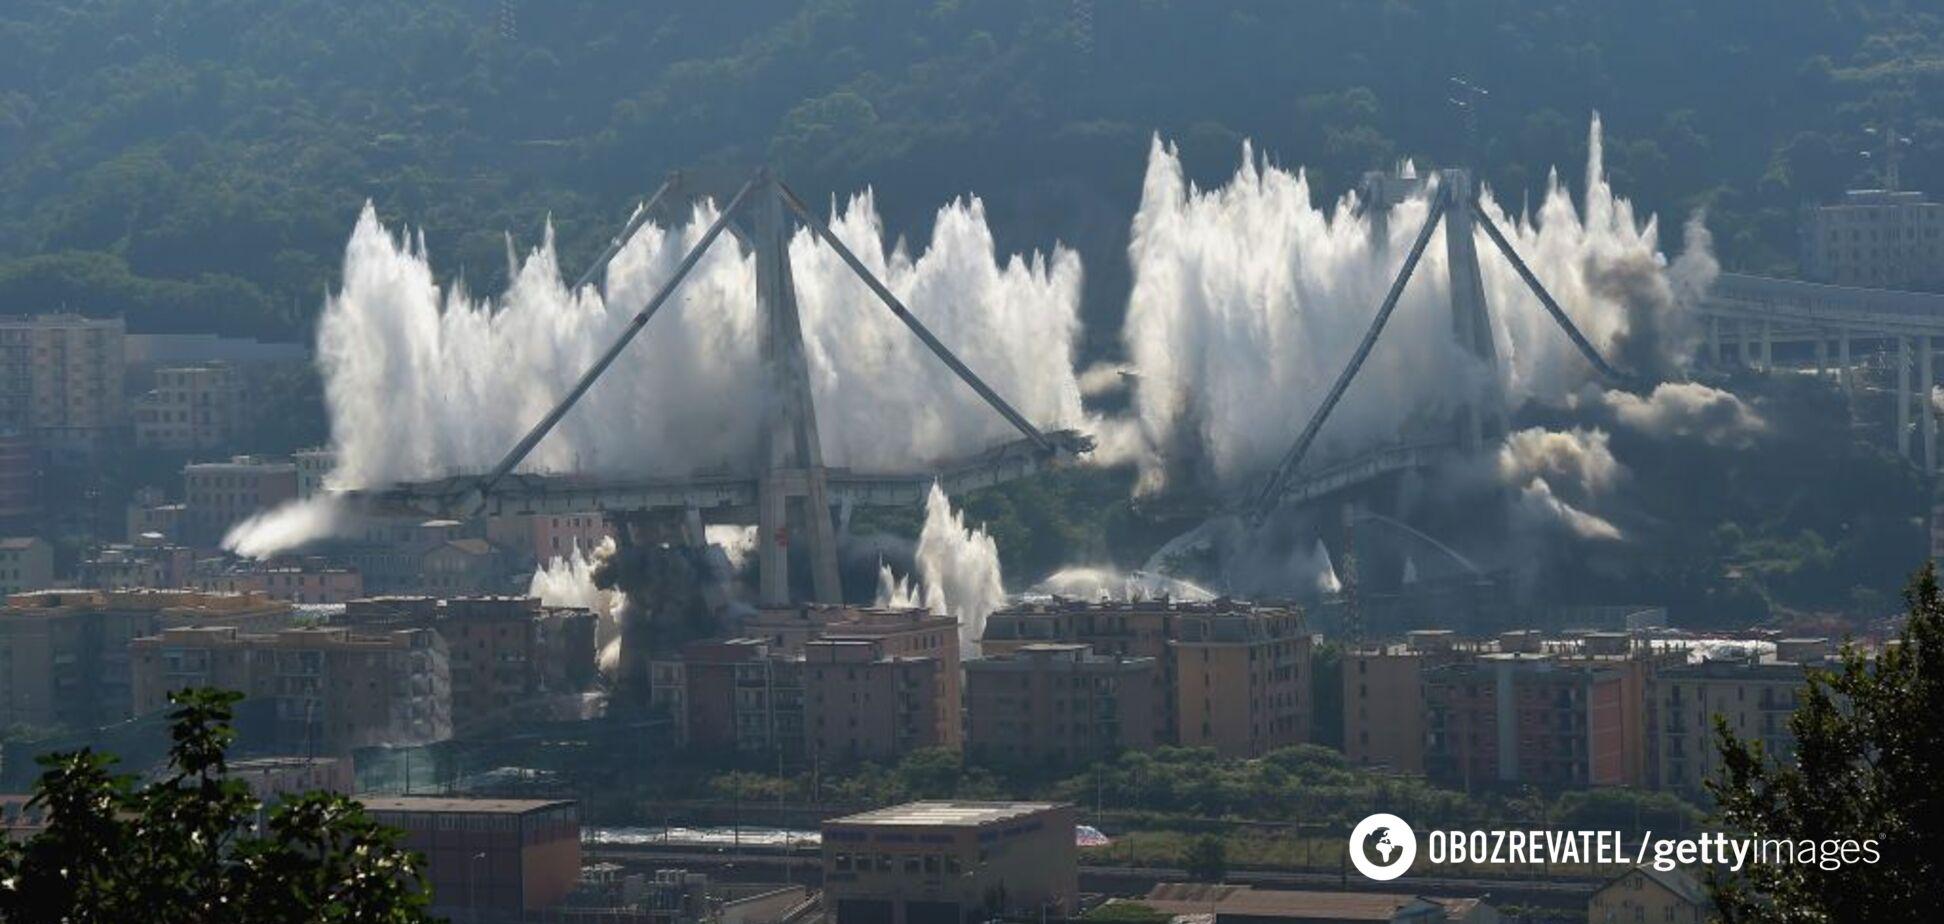 В Италии взорвали мост, на котором погибли 43 человека. Фото и видео